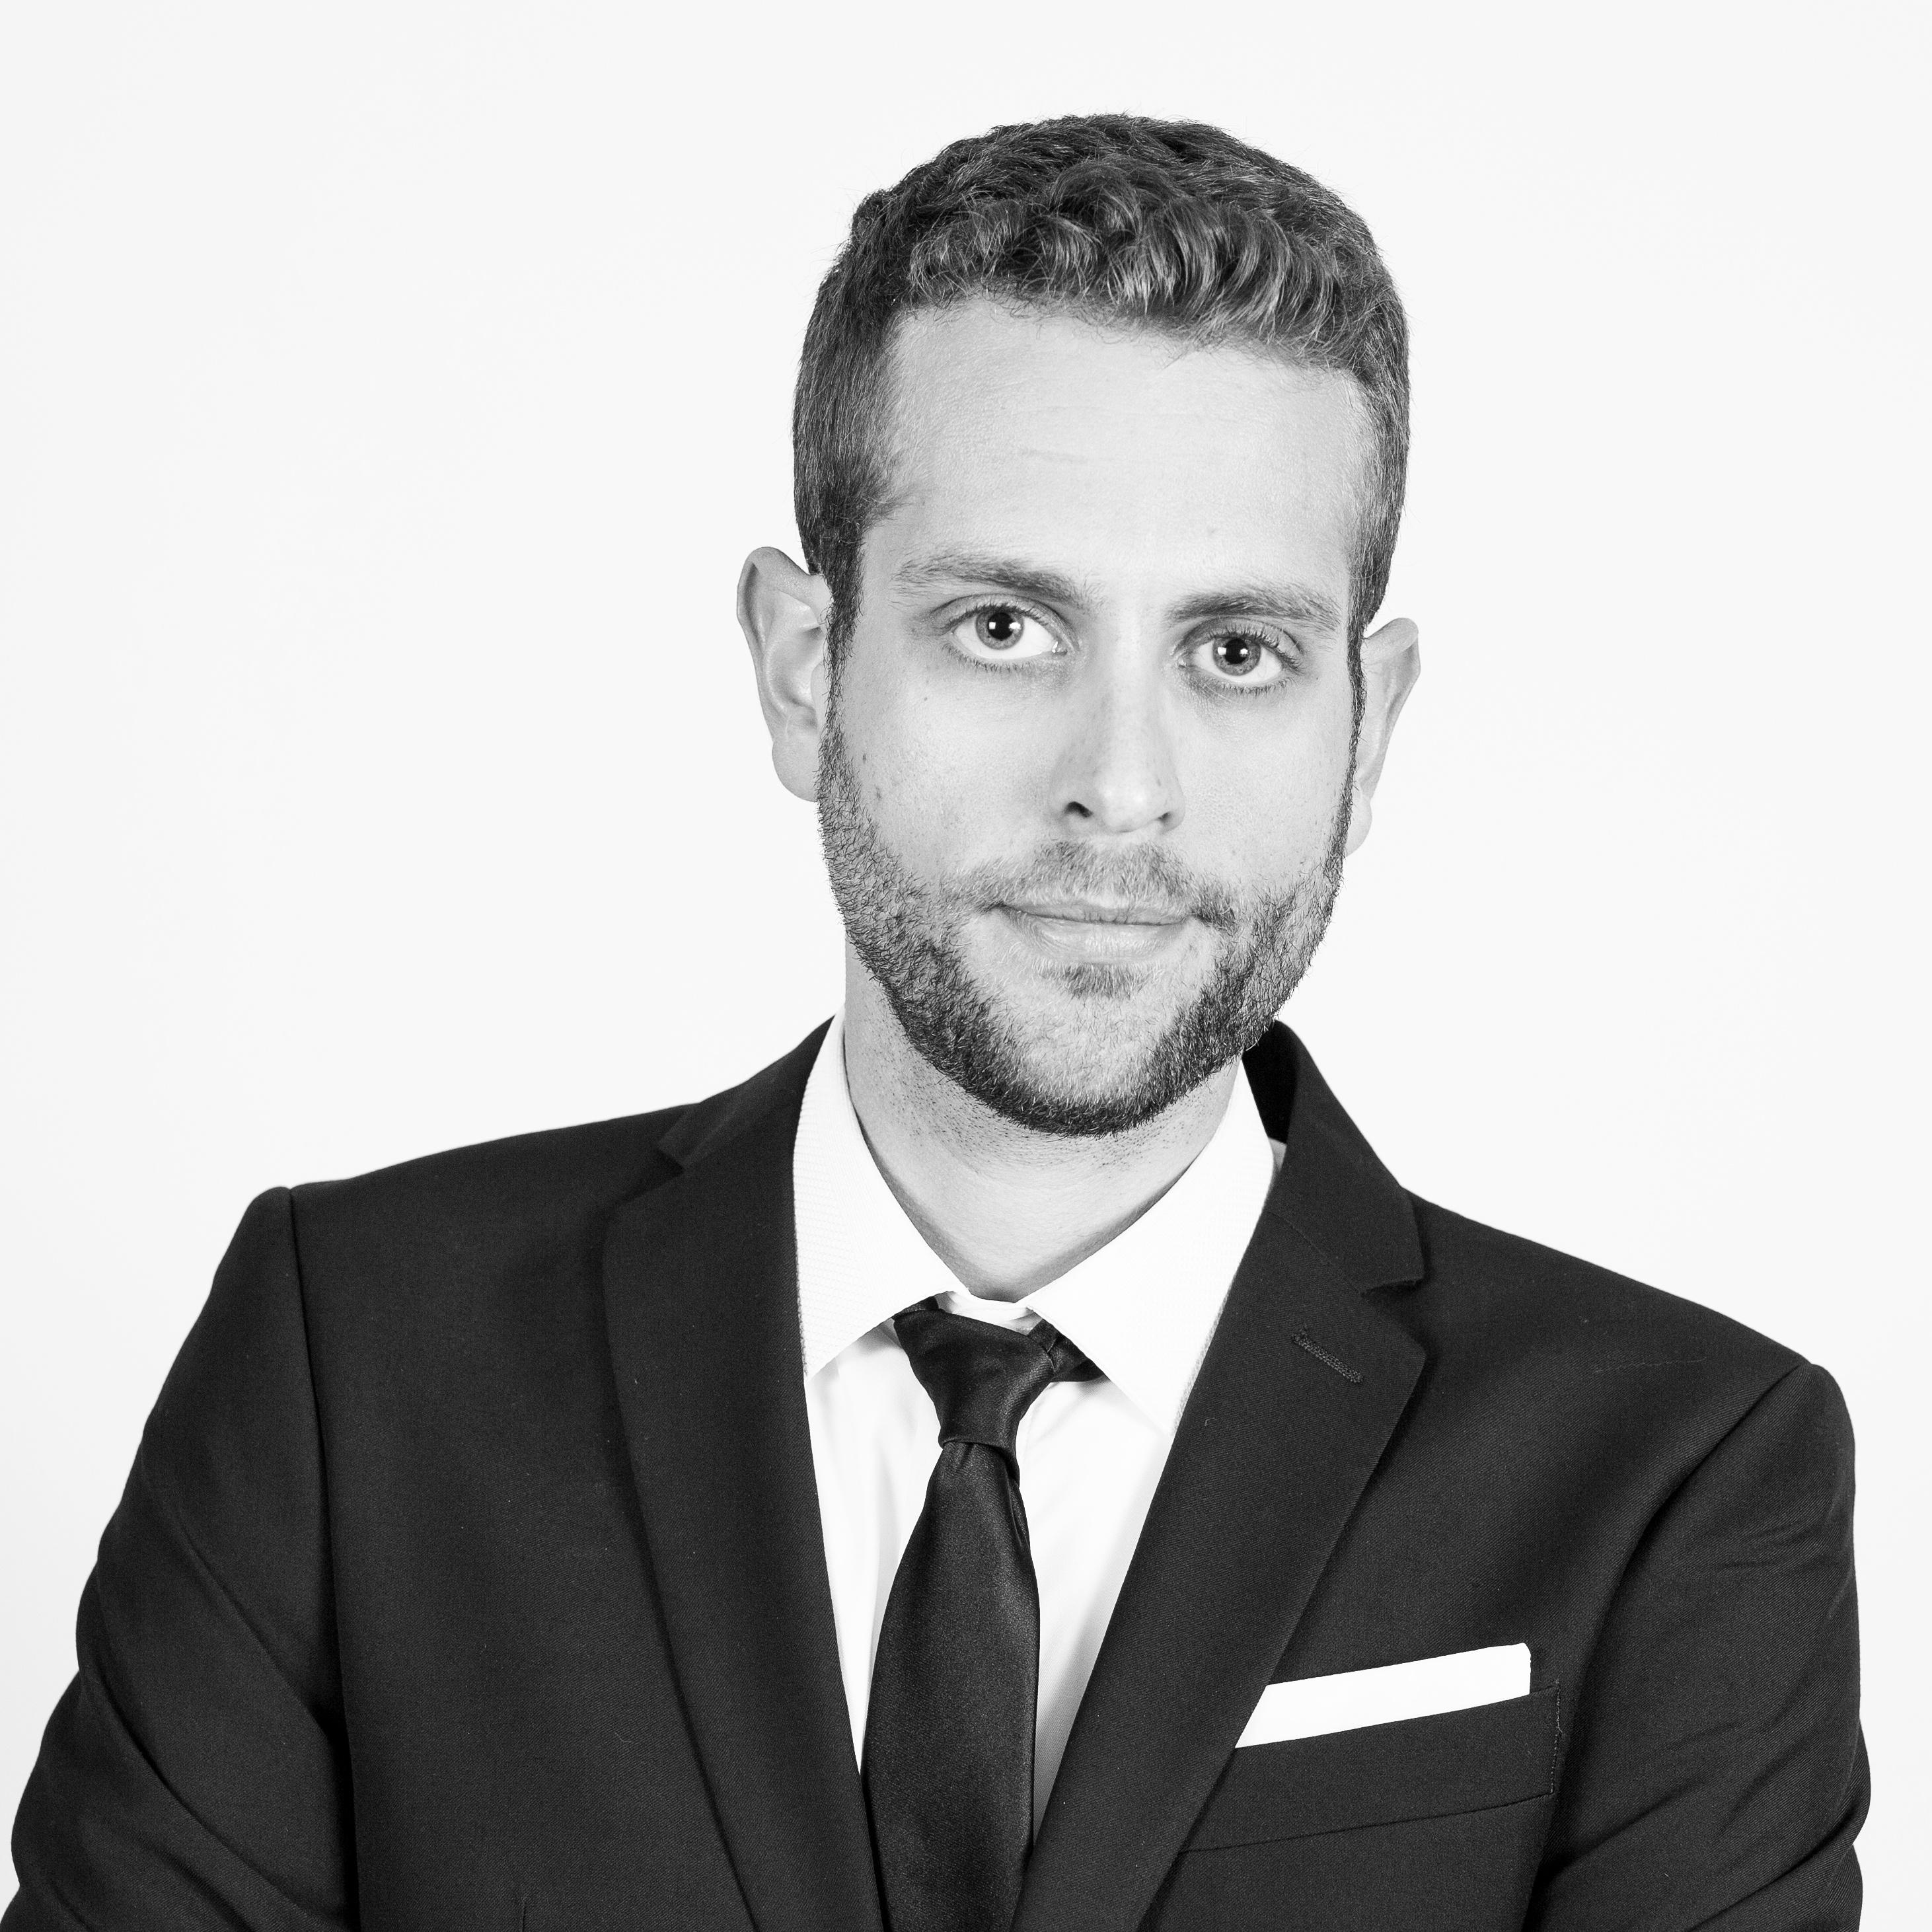 תומר רוזנפלד, Attorney at Law